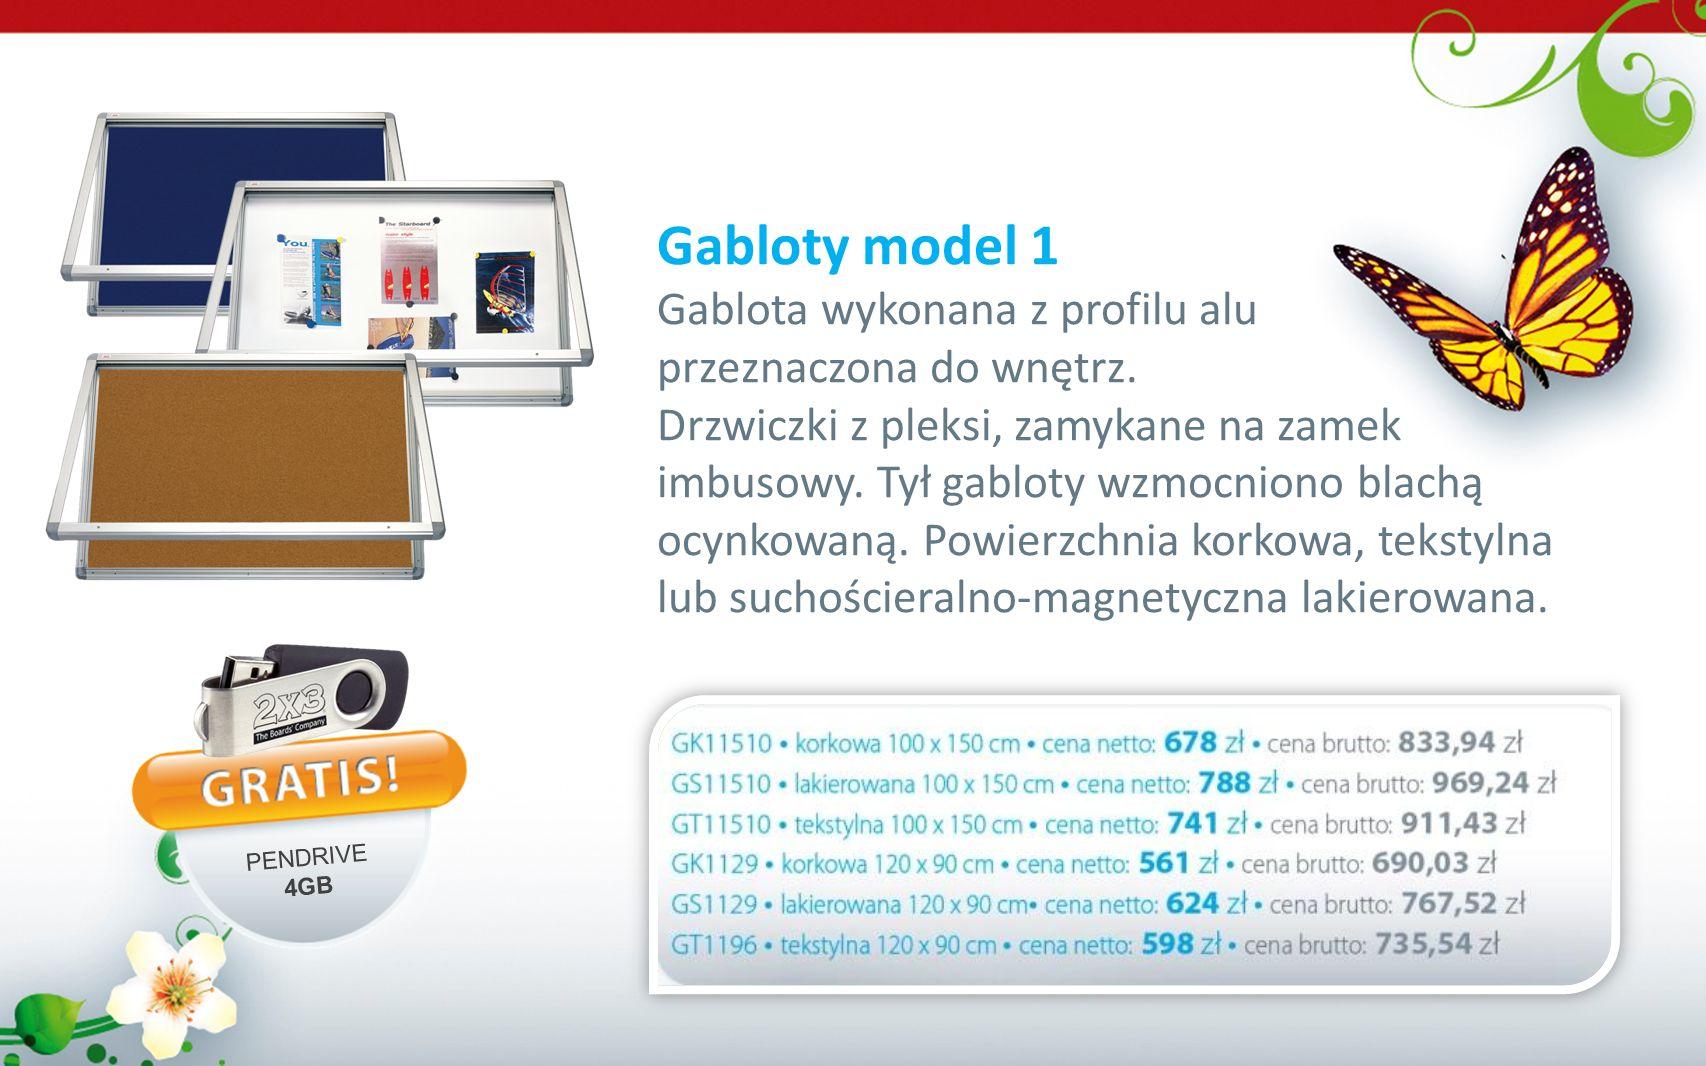 Gabloty model 1 Gablota wykonana z profilu alu przeznaczona do wnętrz. Drzwiczki z pleksi, zamykane na zamek imbusowy. Tył gabloty wzmocniono blachą o